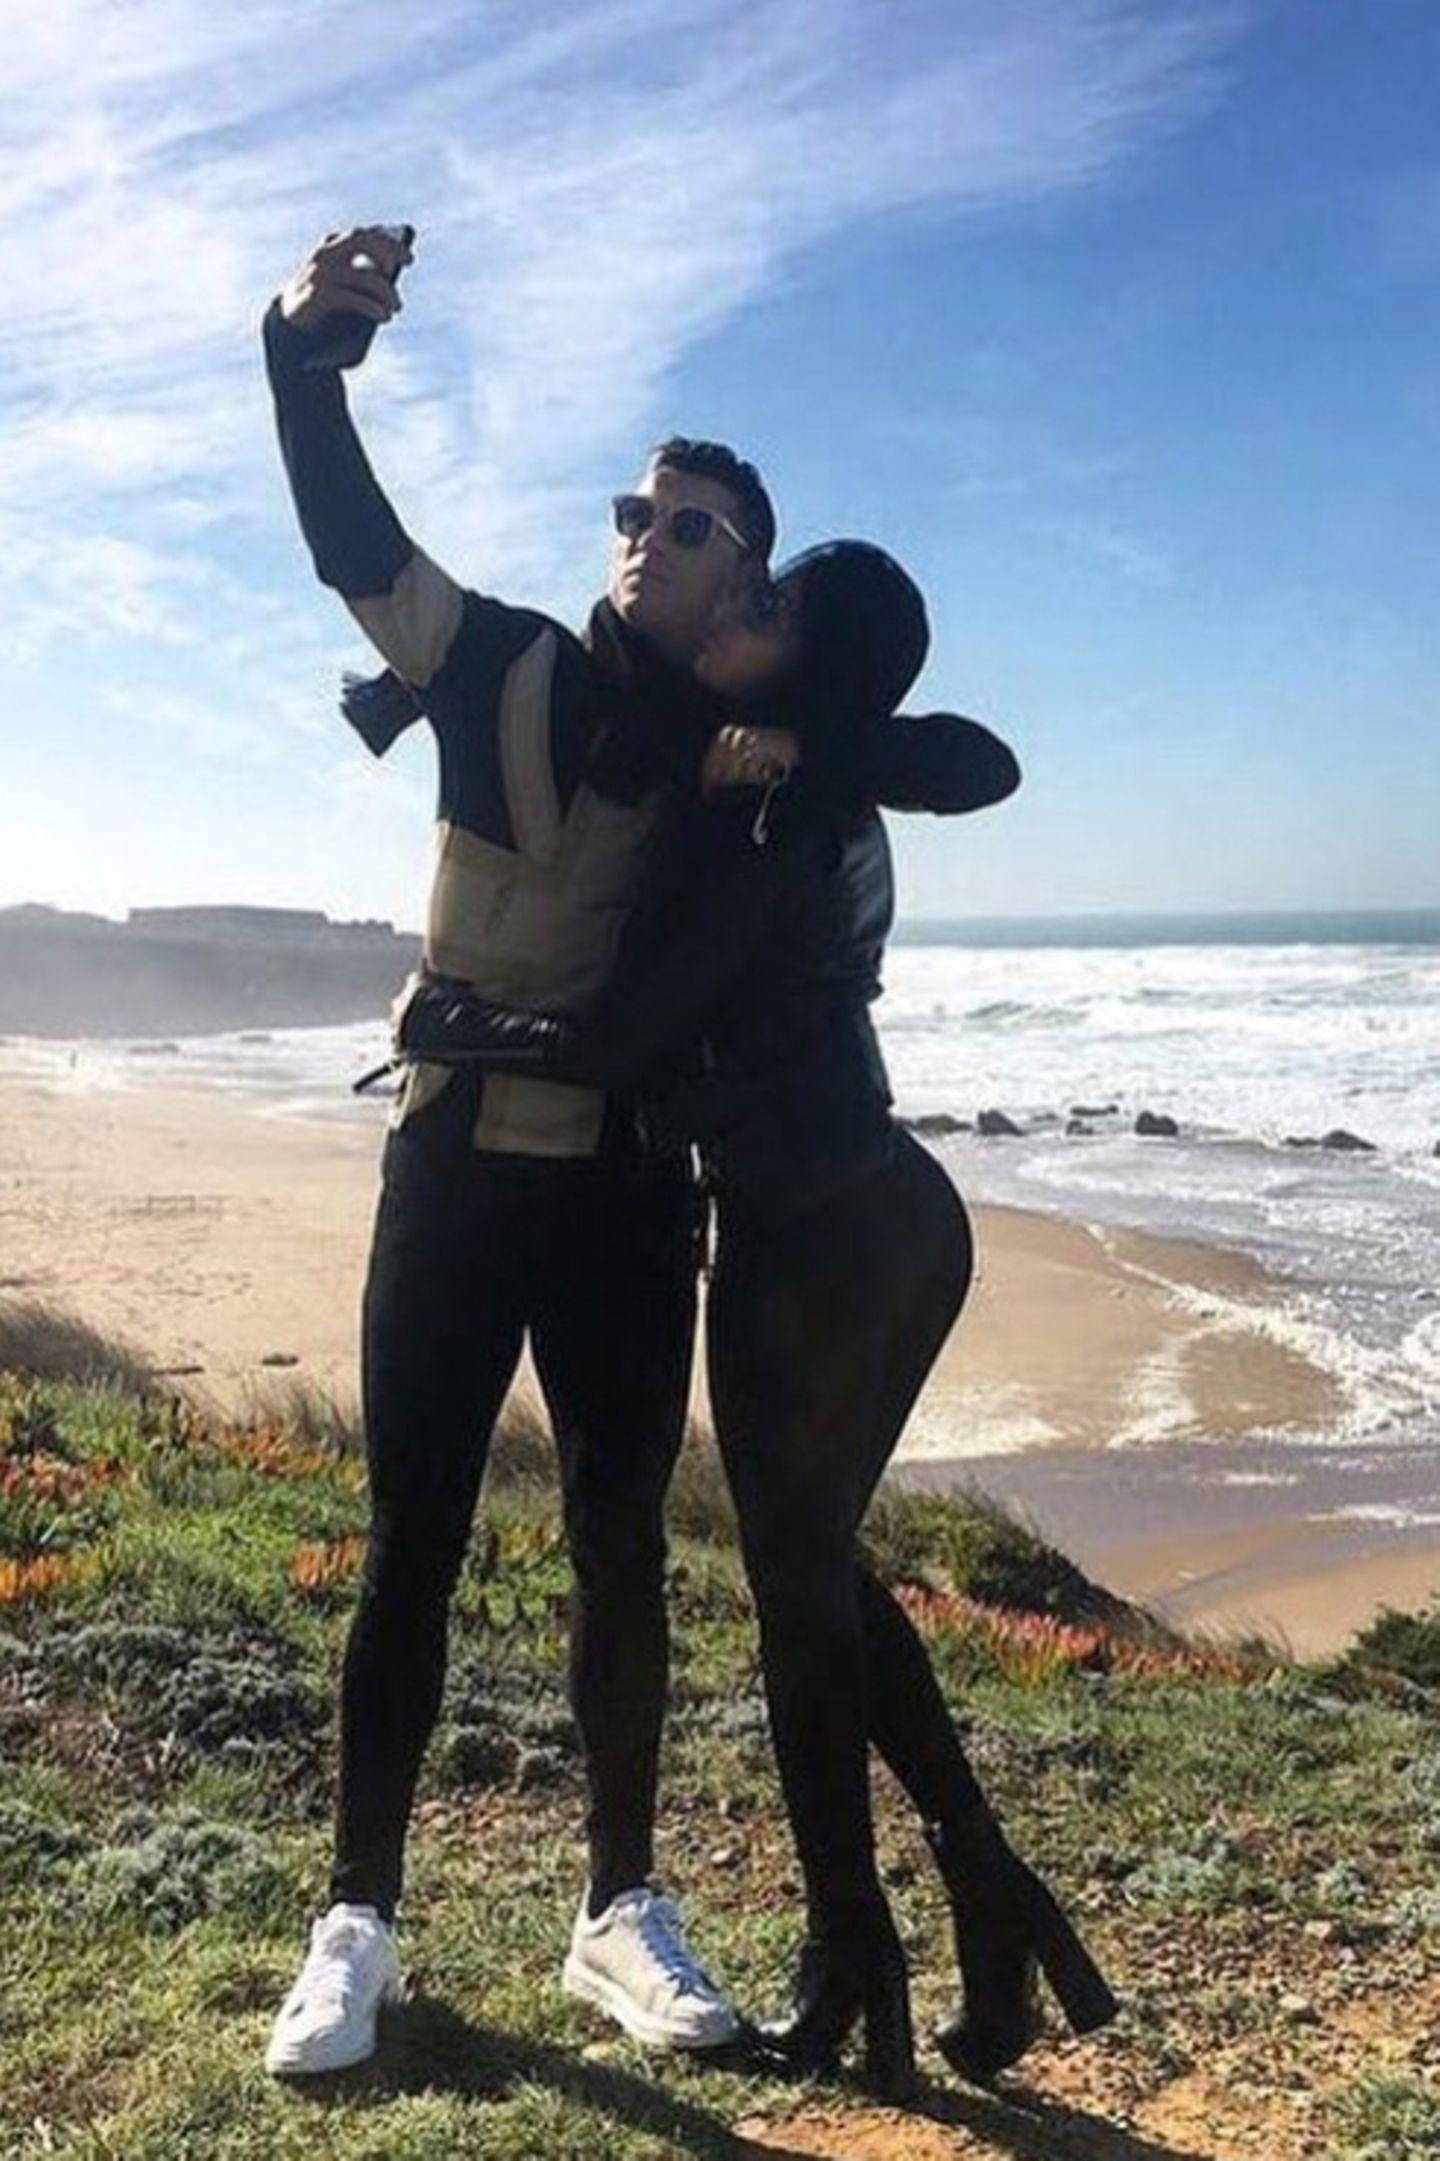 19. Januar 2018  Schatz, hier wurde ich geboren: Mit seiner Freundin Georgina Rodríguez posiert Cristiano Ronaldo für ein Selfie vor der Standlandschaft seines Geburtslandes Portugal.